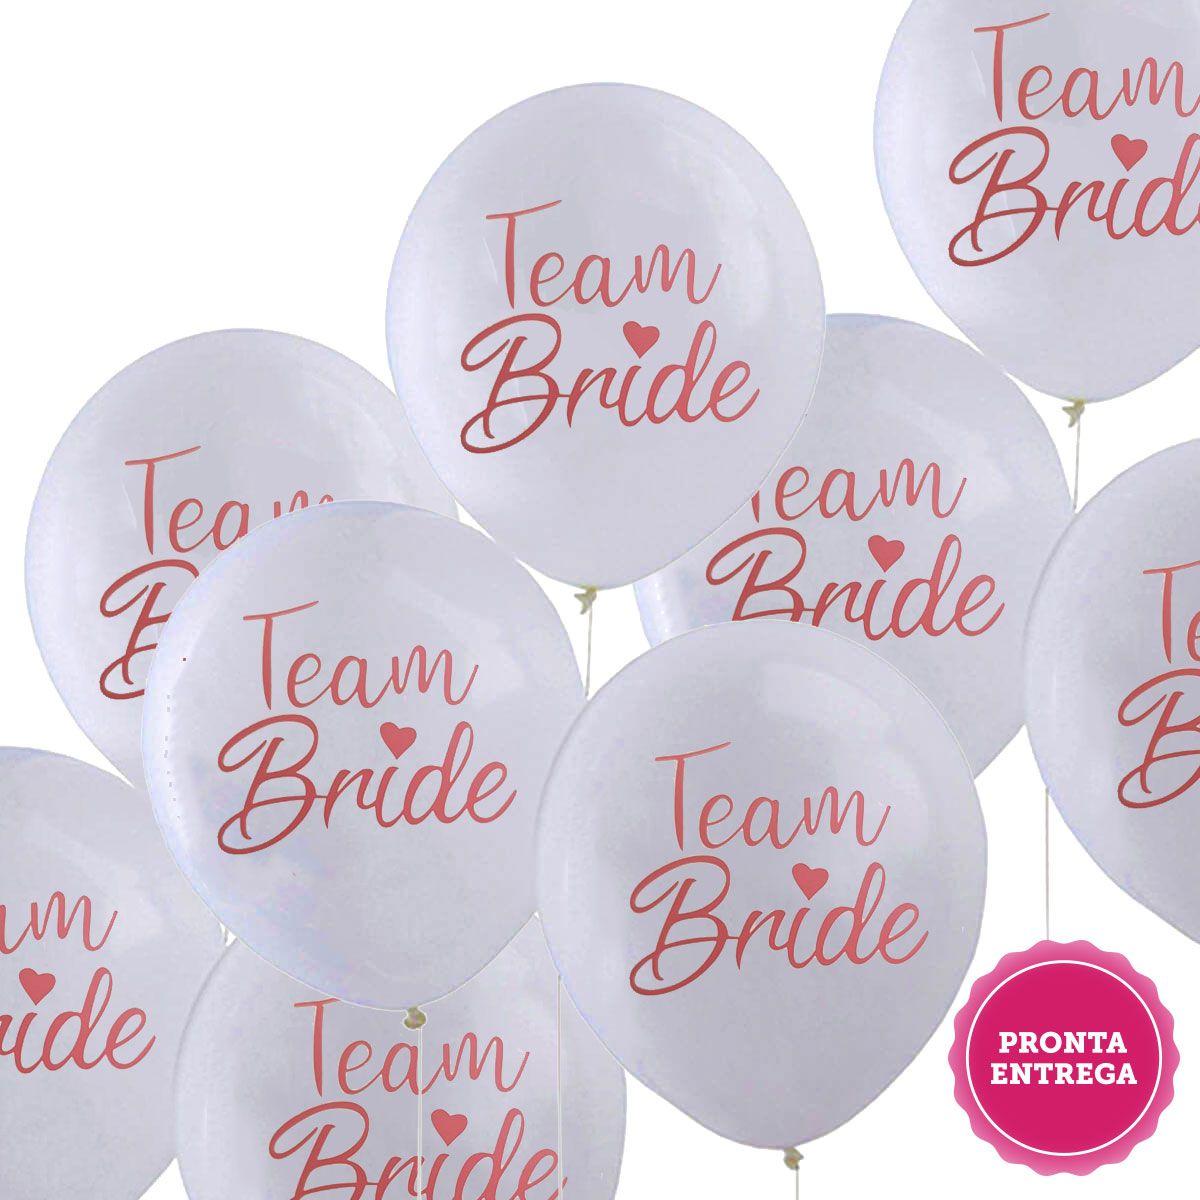 Balão team Bride, Balão decoração Despedida de solteira, Balão decoração chá de Lingerie, Bexiga Decoração Despedida de solteira, Bexiga decoração chá de Lingerie